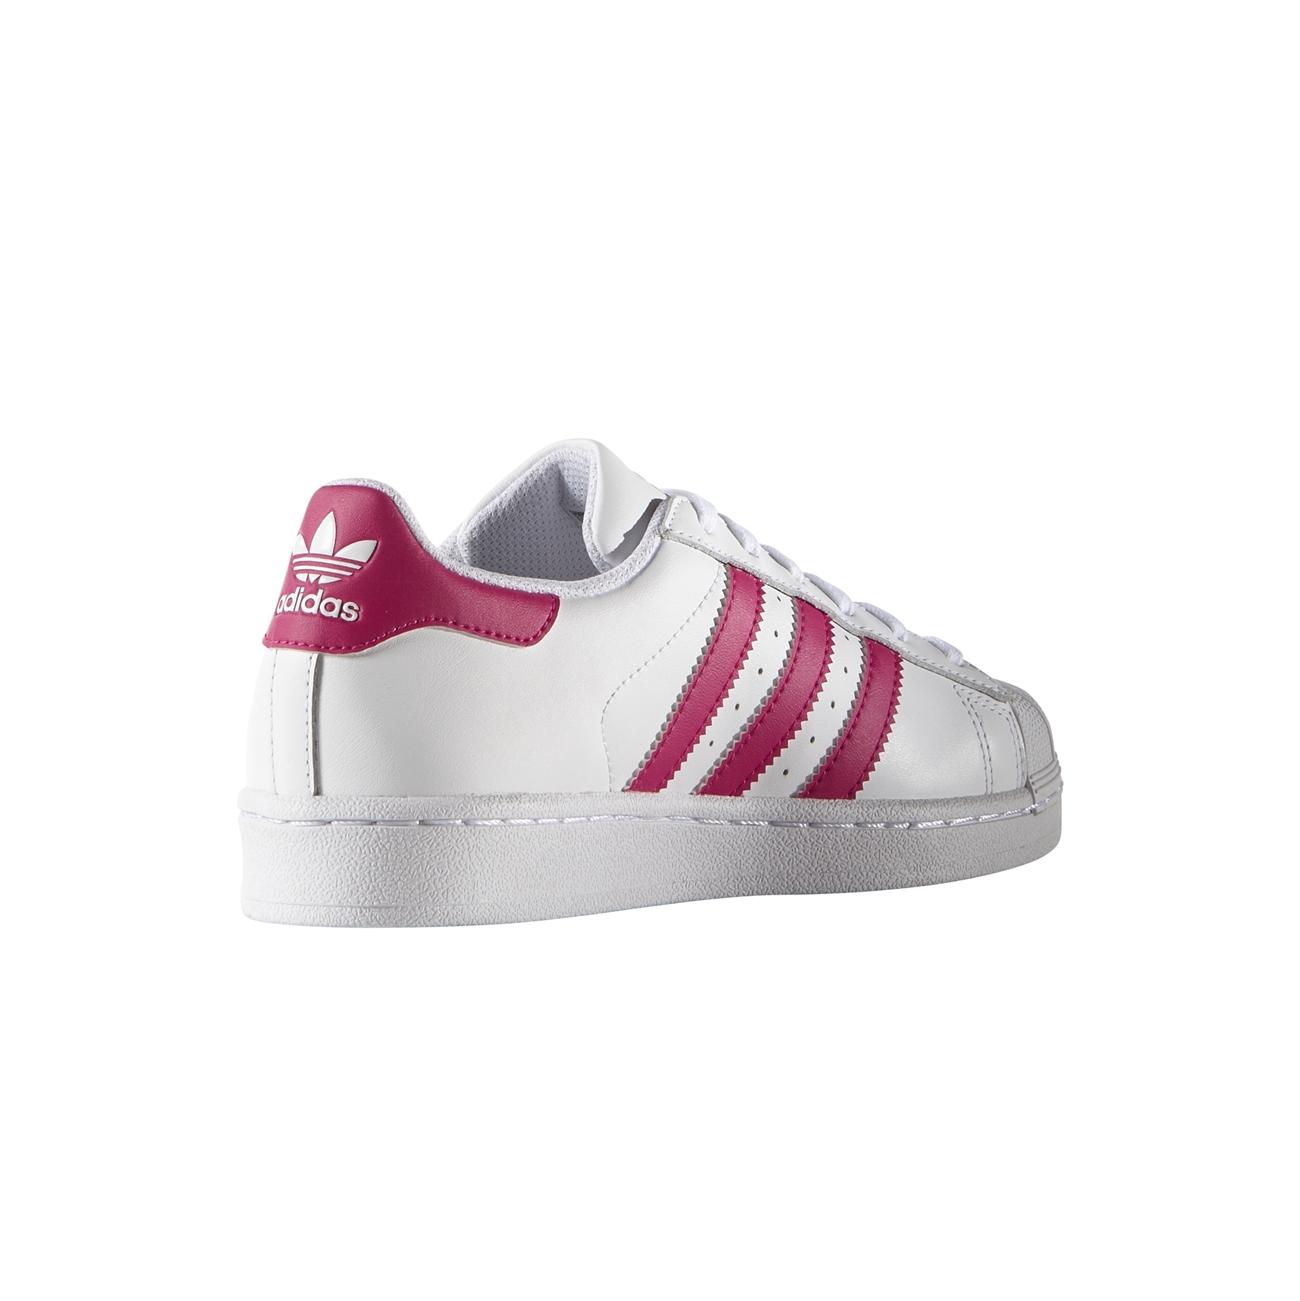 outlet store ca037 8a0c9 Adidas Originals Superstar Foundation J